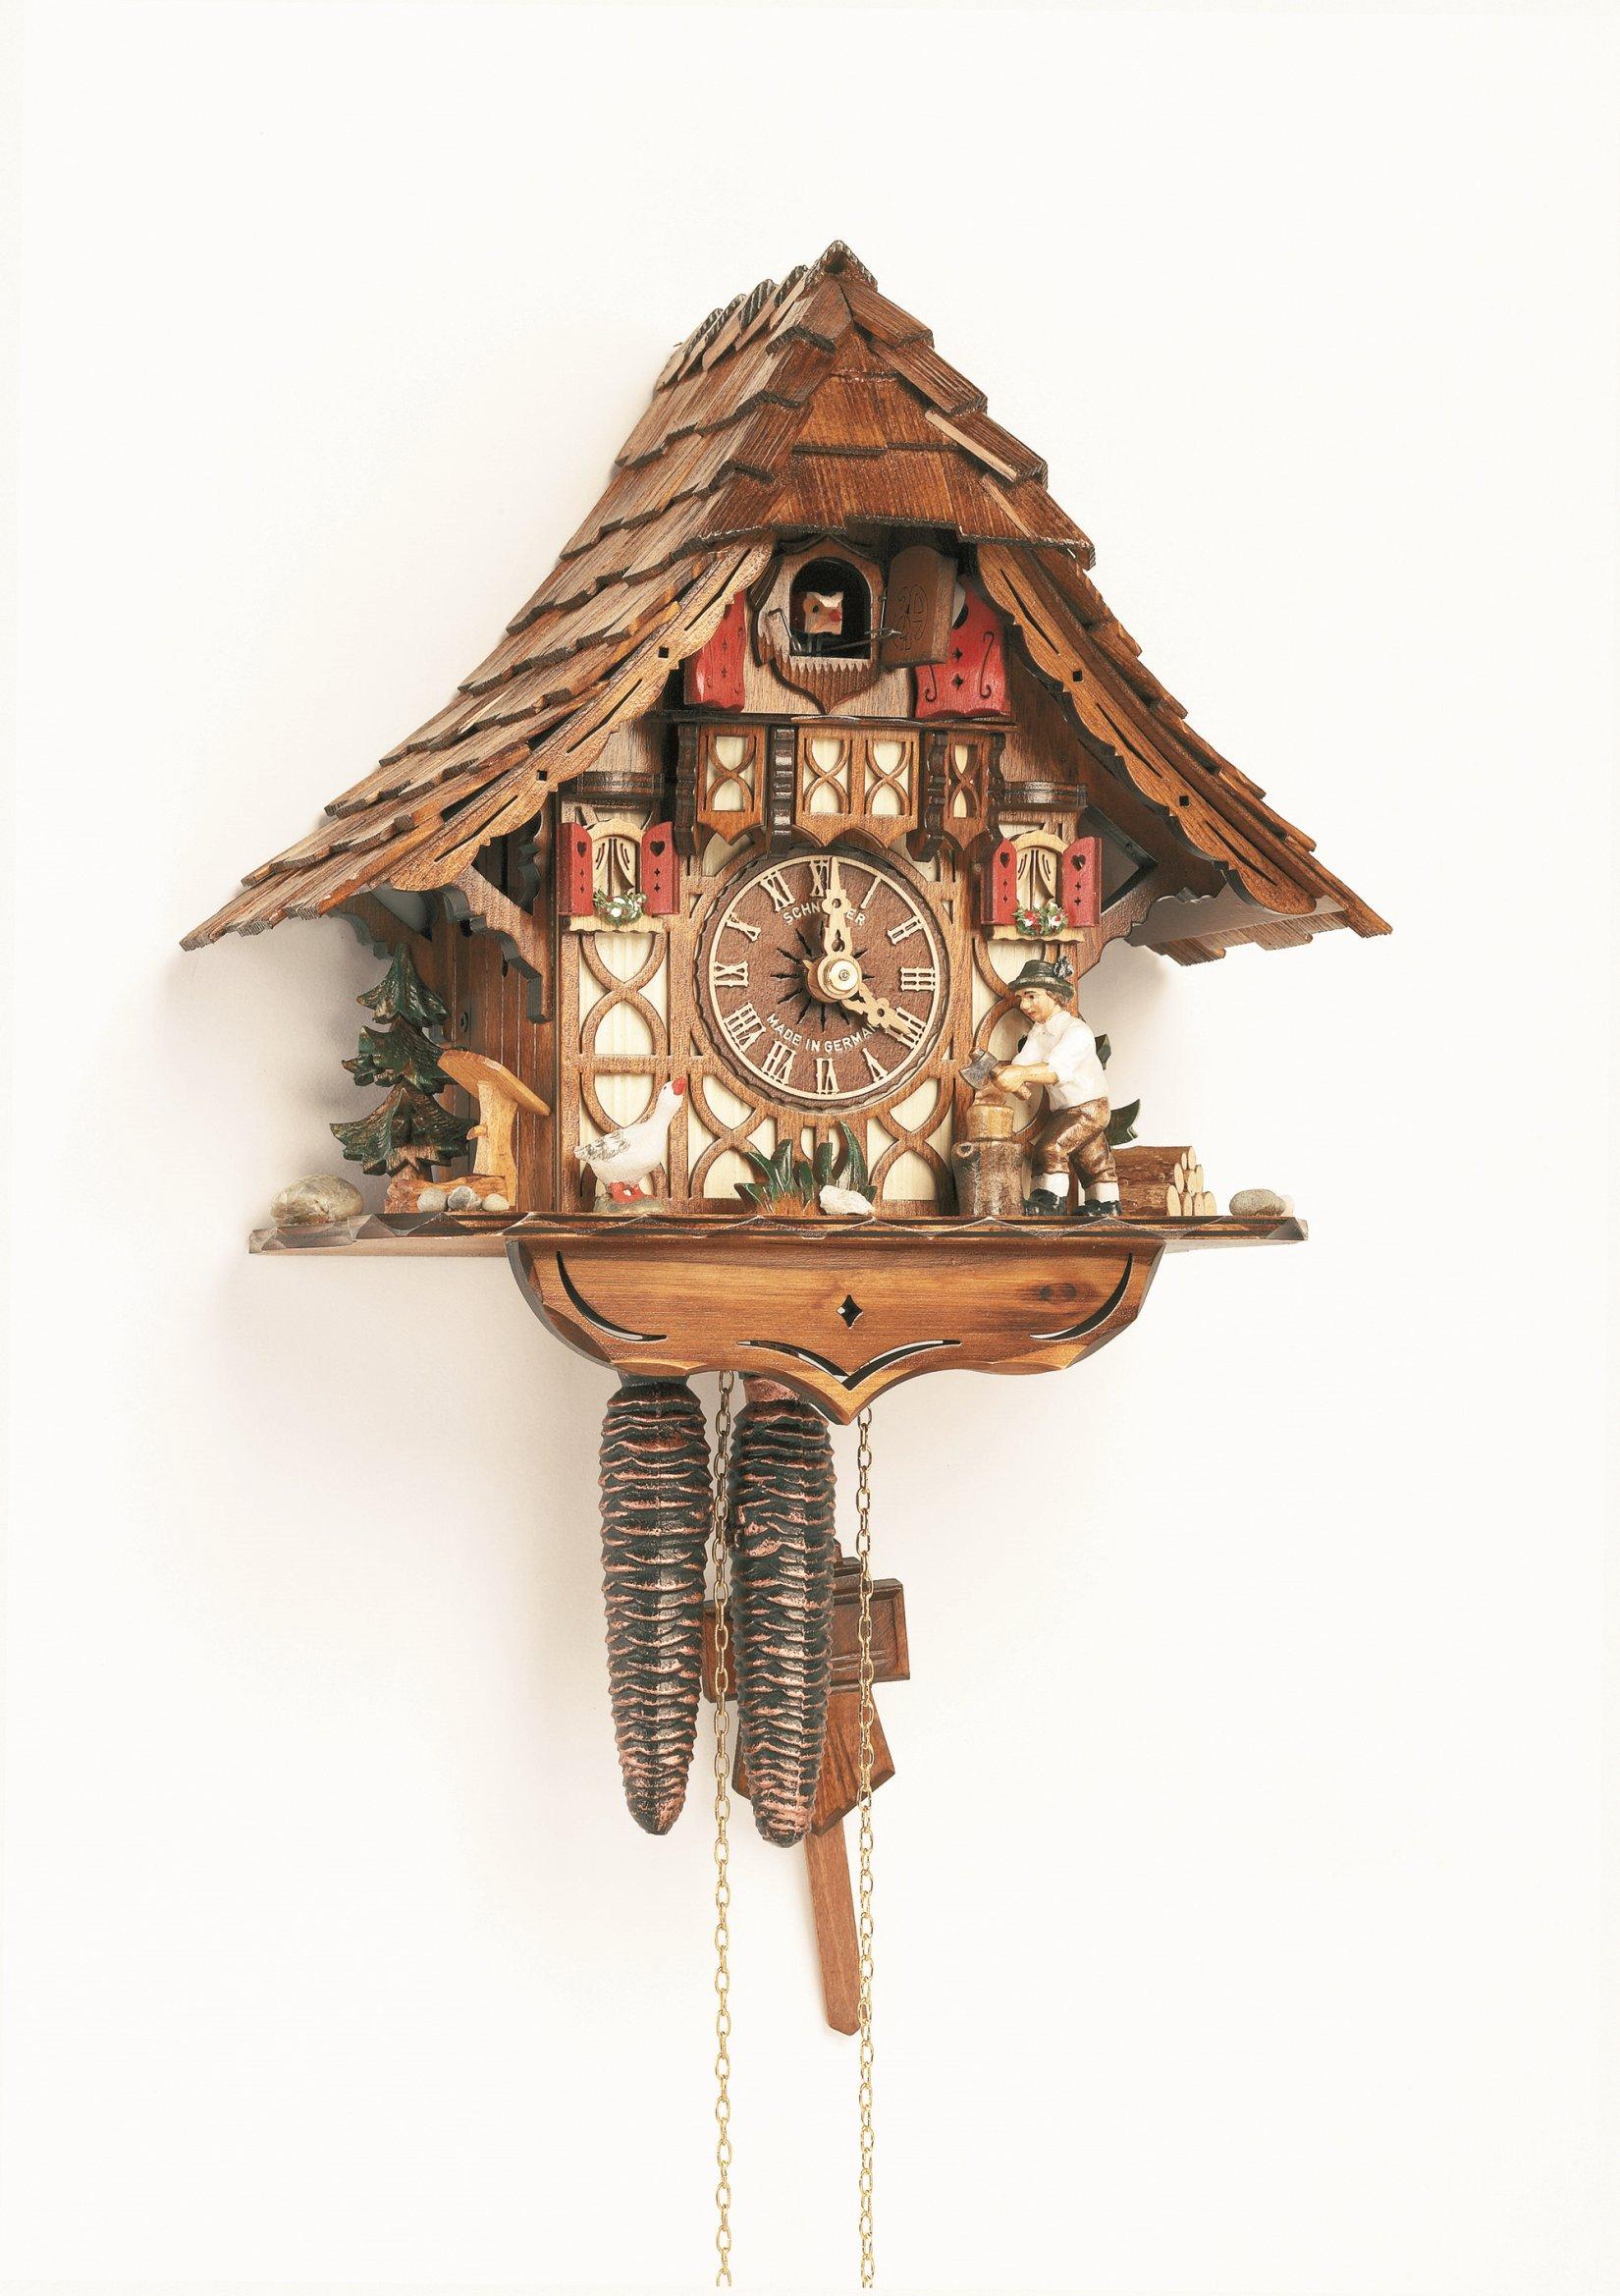 Cuckoo clock railway keeper house